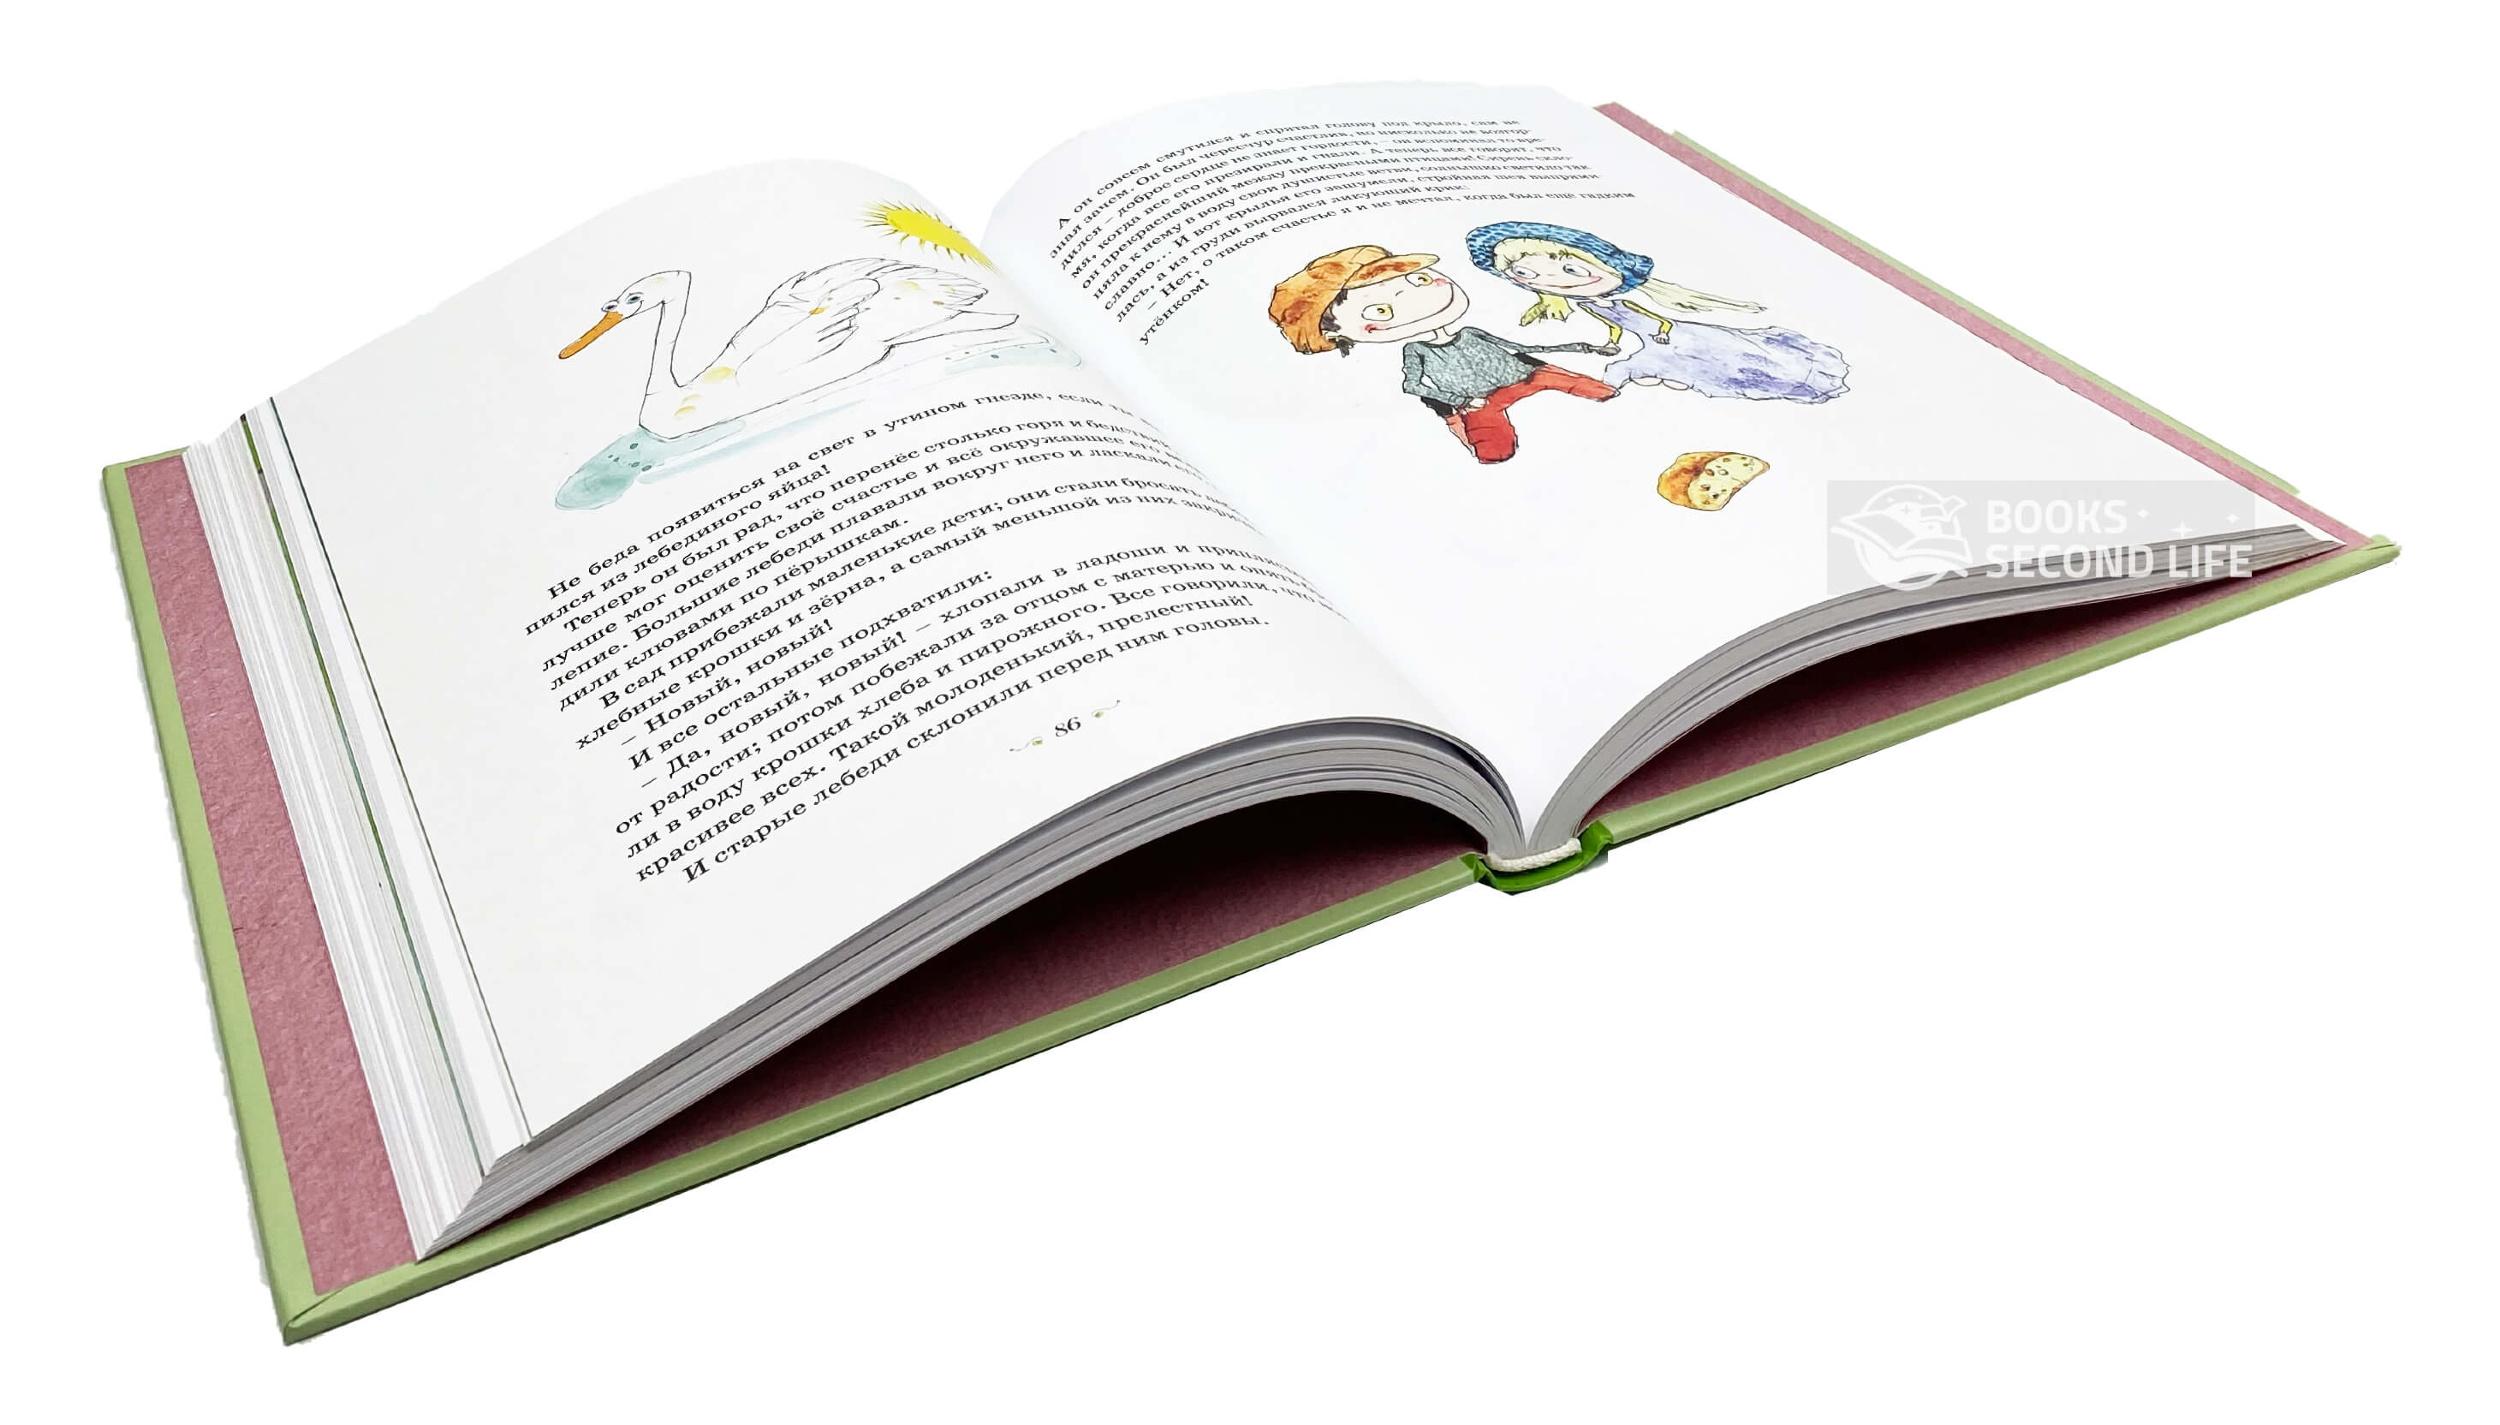 Самые любимые сказки (иллюстр. С. Брикс). Автор — Ханс Кристиан Андерсен. Переплет —